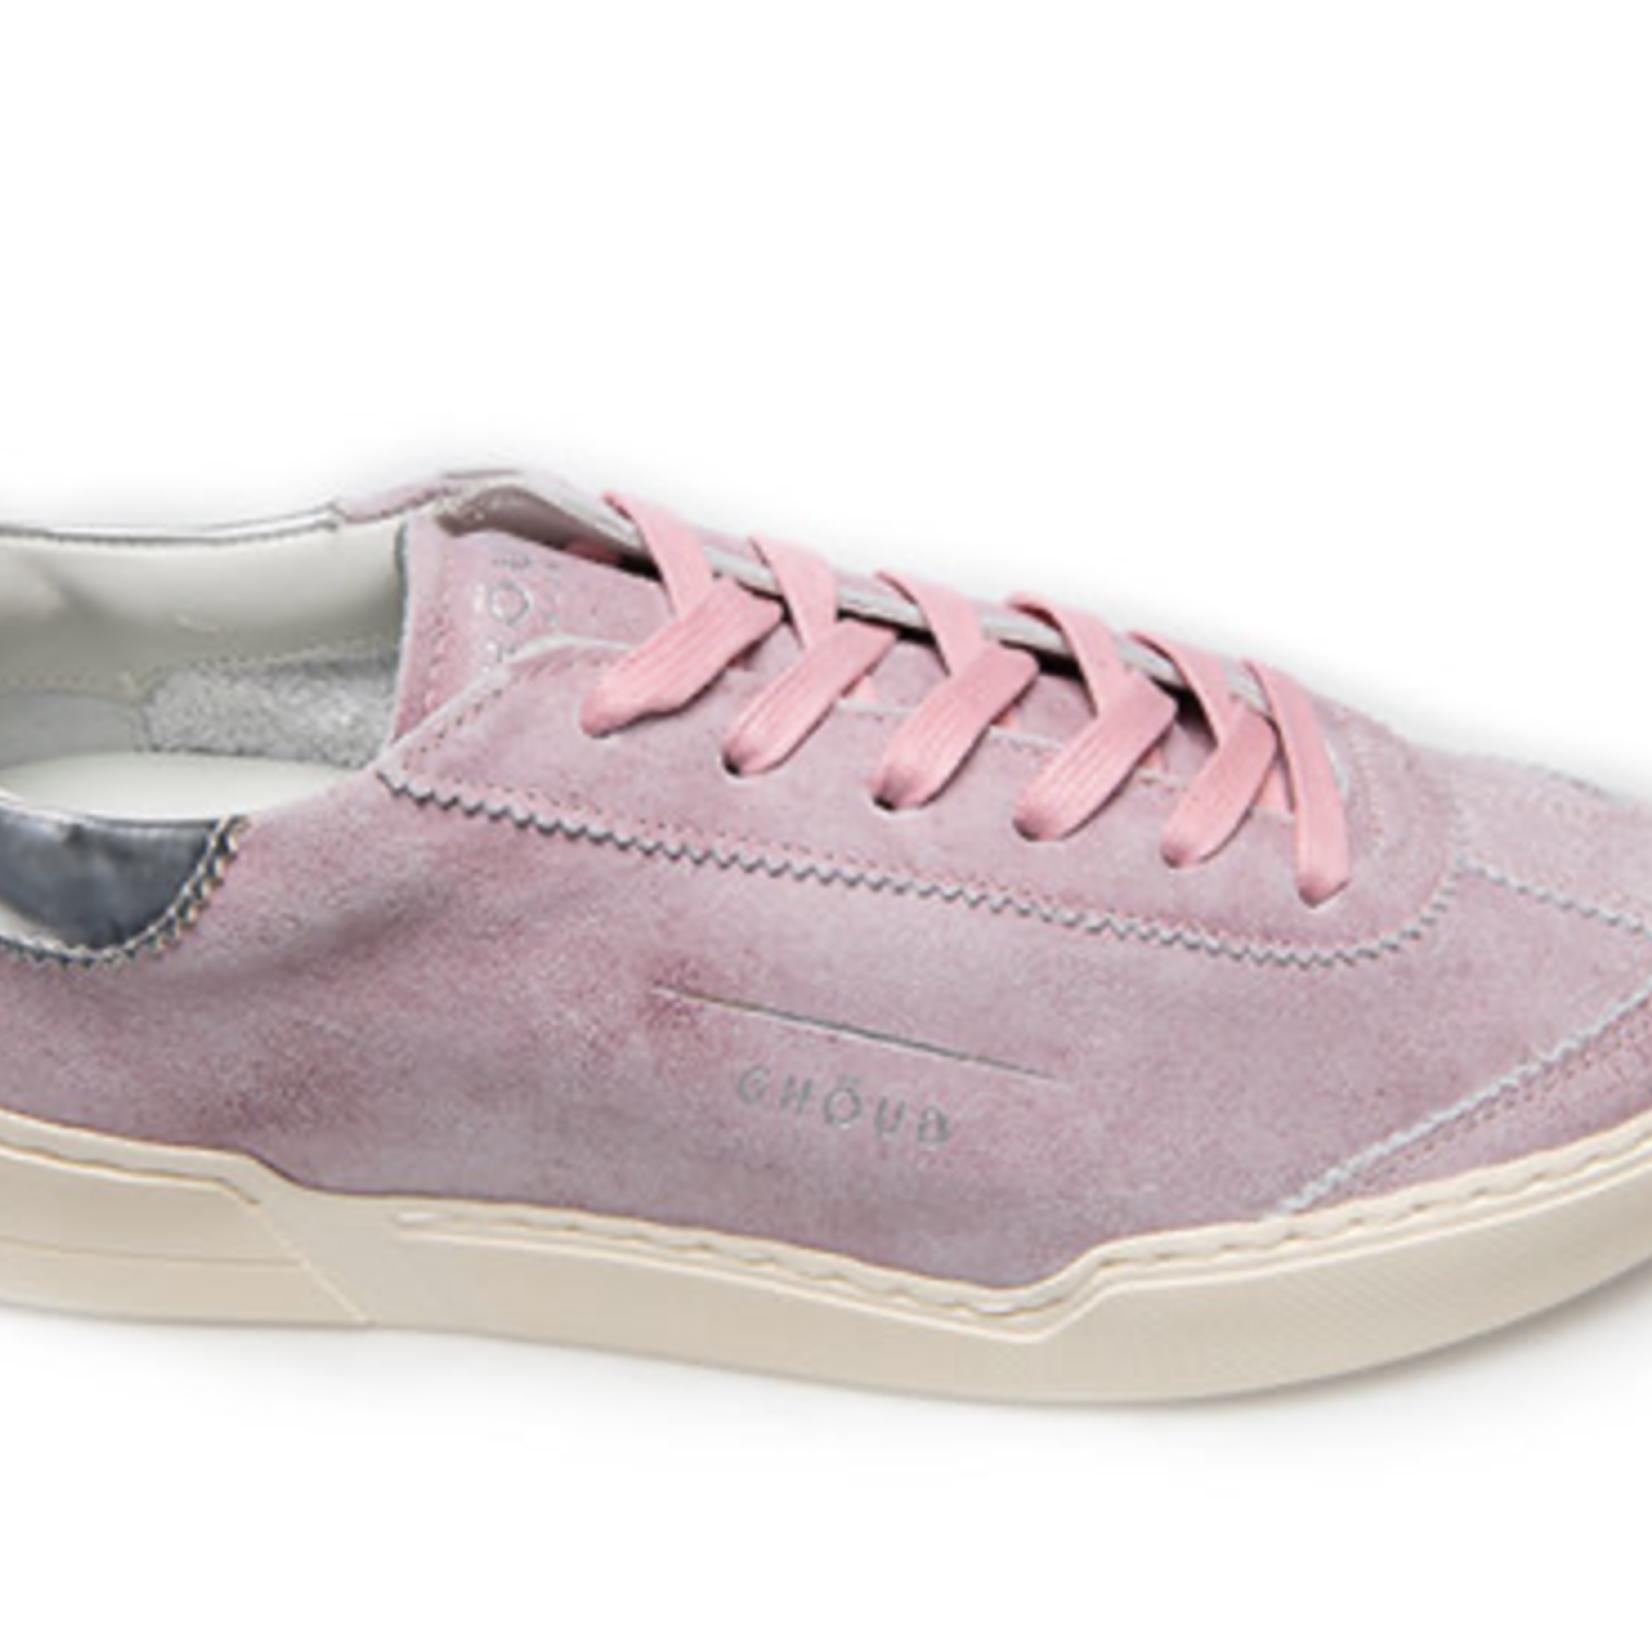 Ghoud Ghoud sneakers